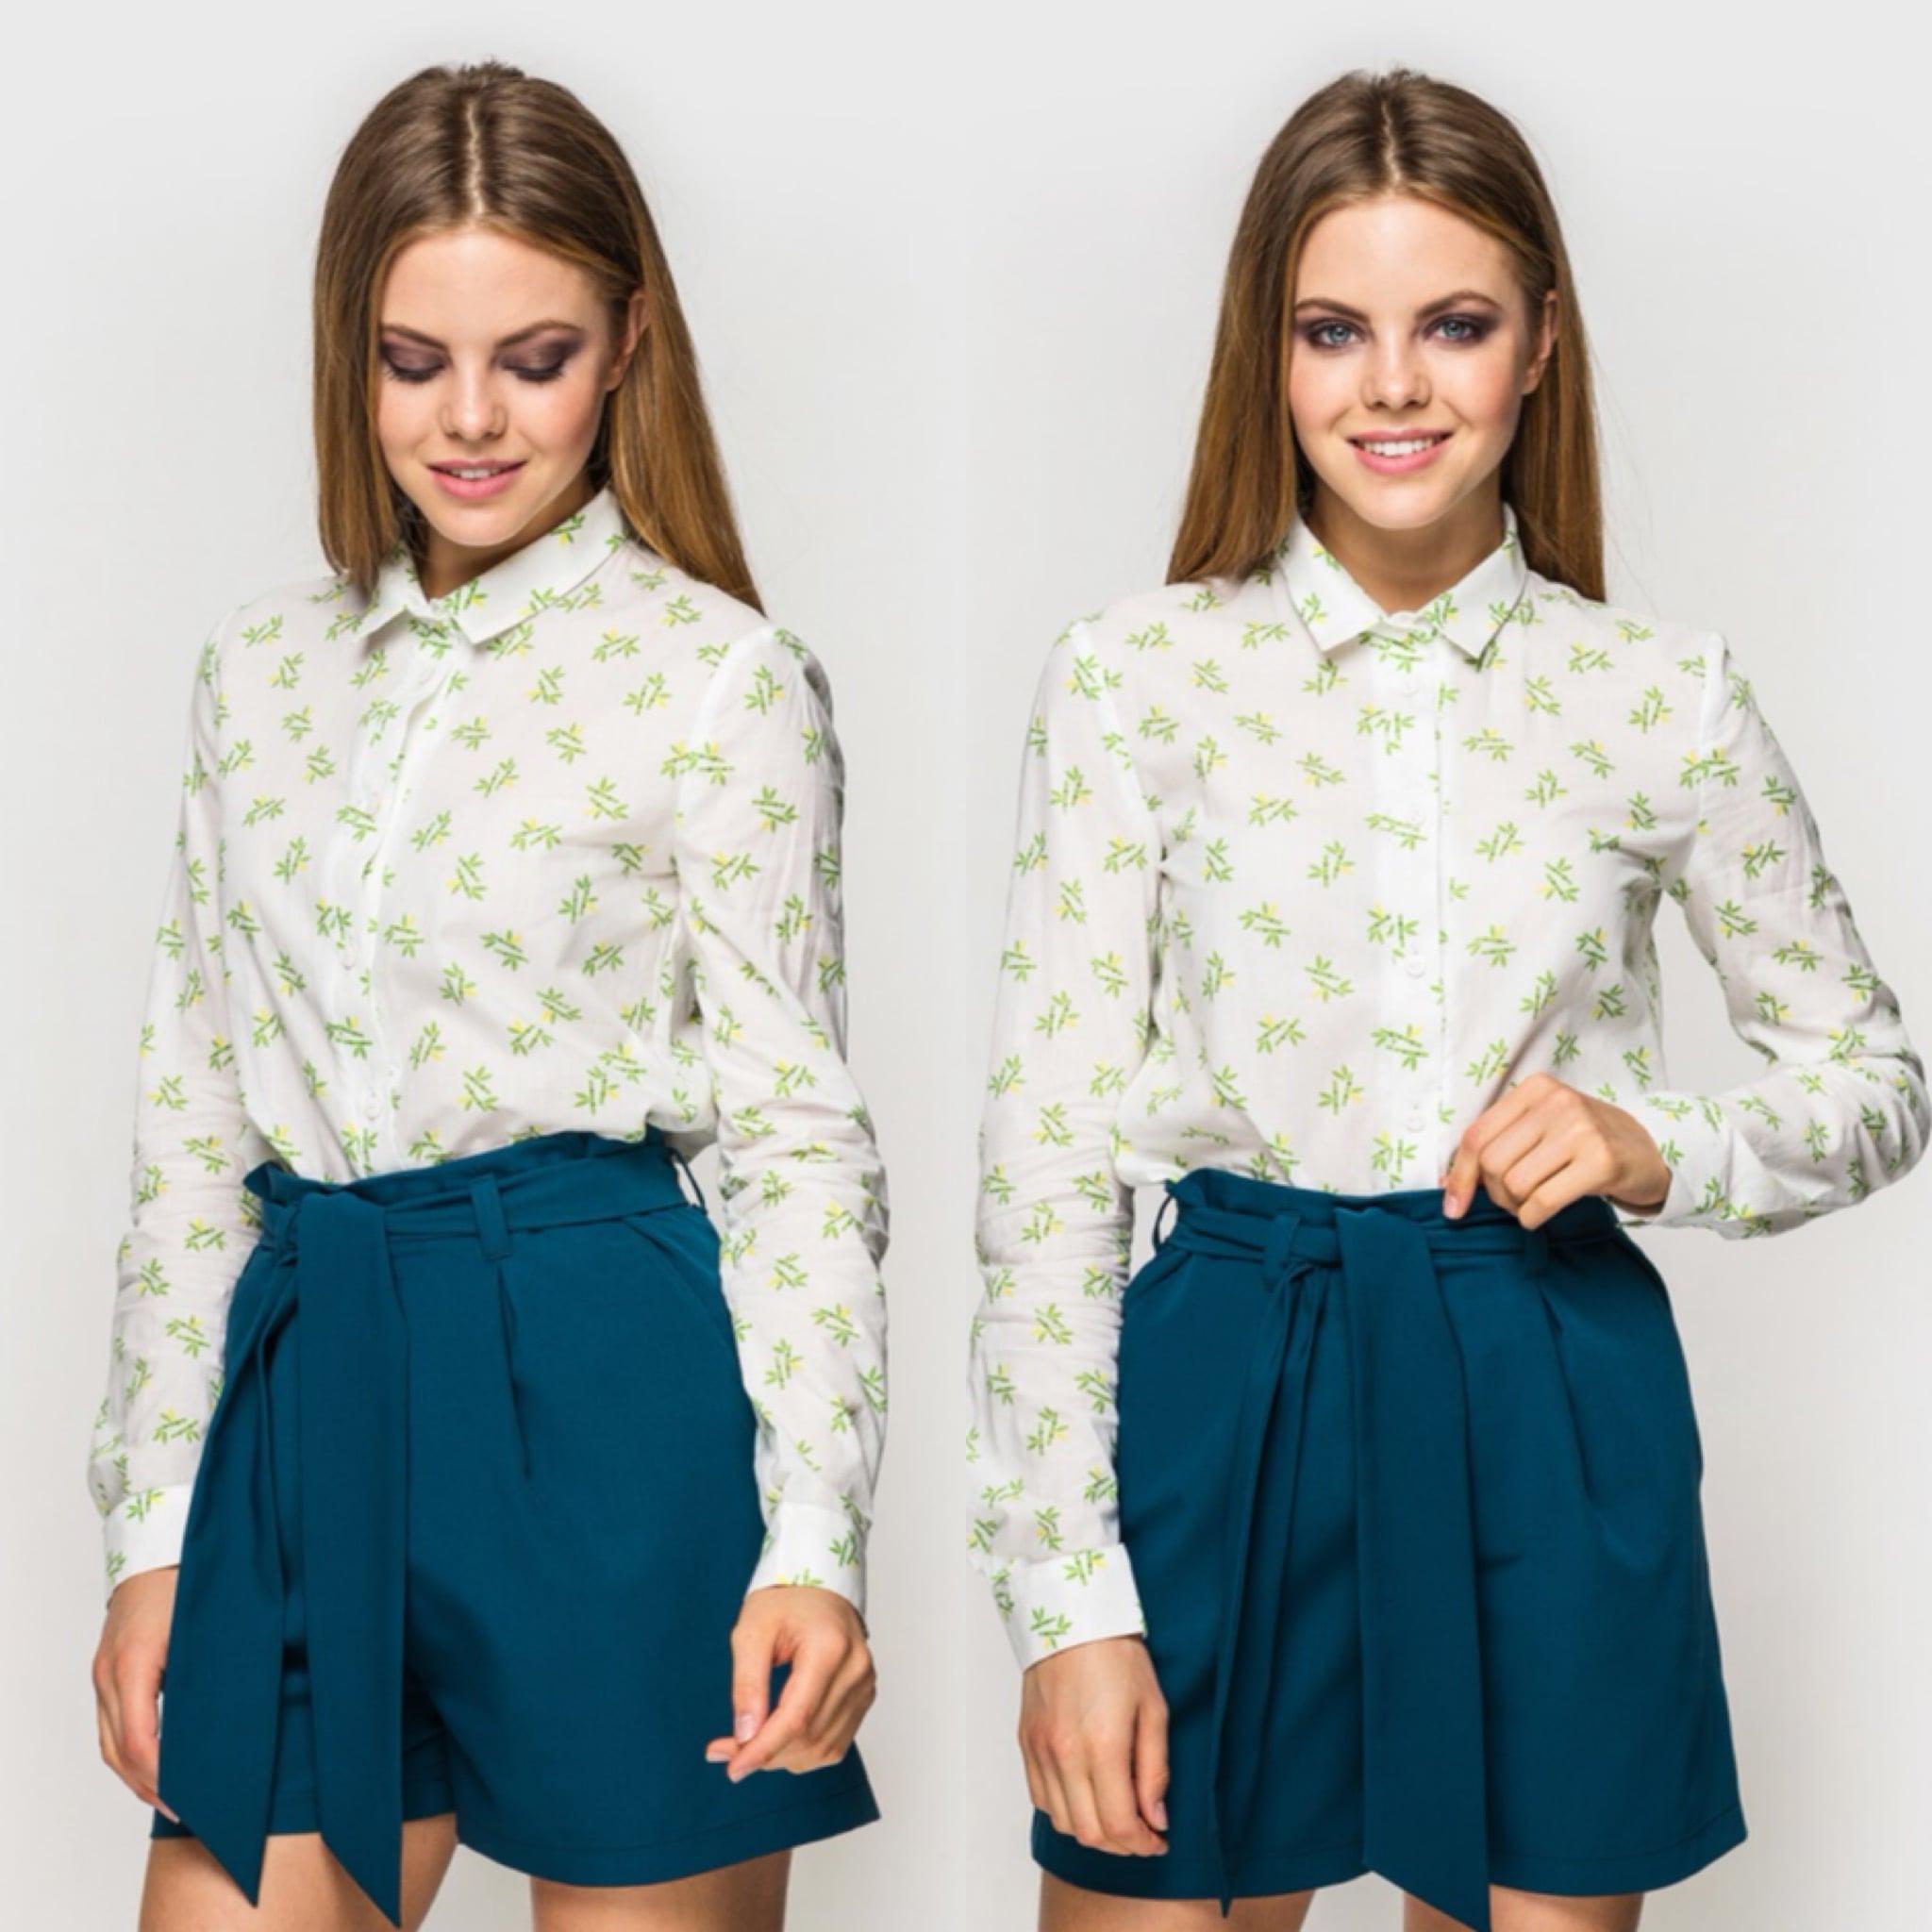 Блуза украинского бренда одежды NINE празднует День Рождения 8